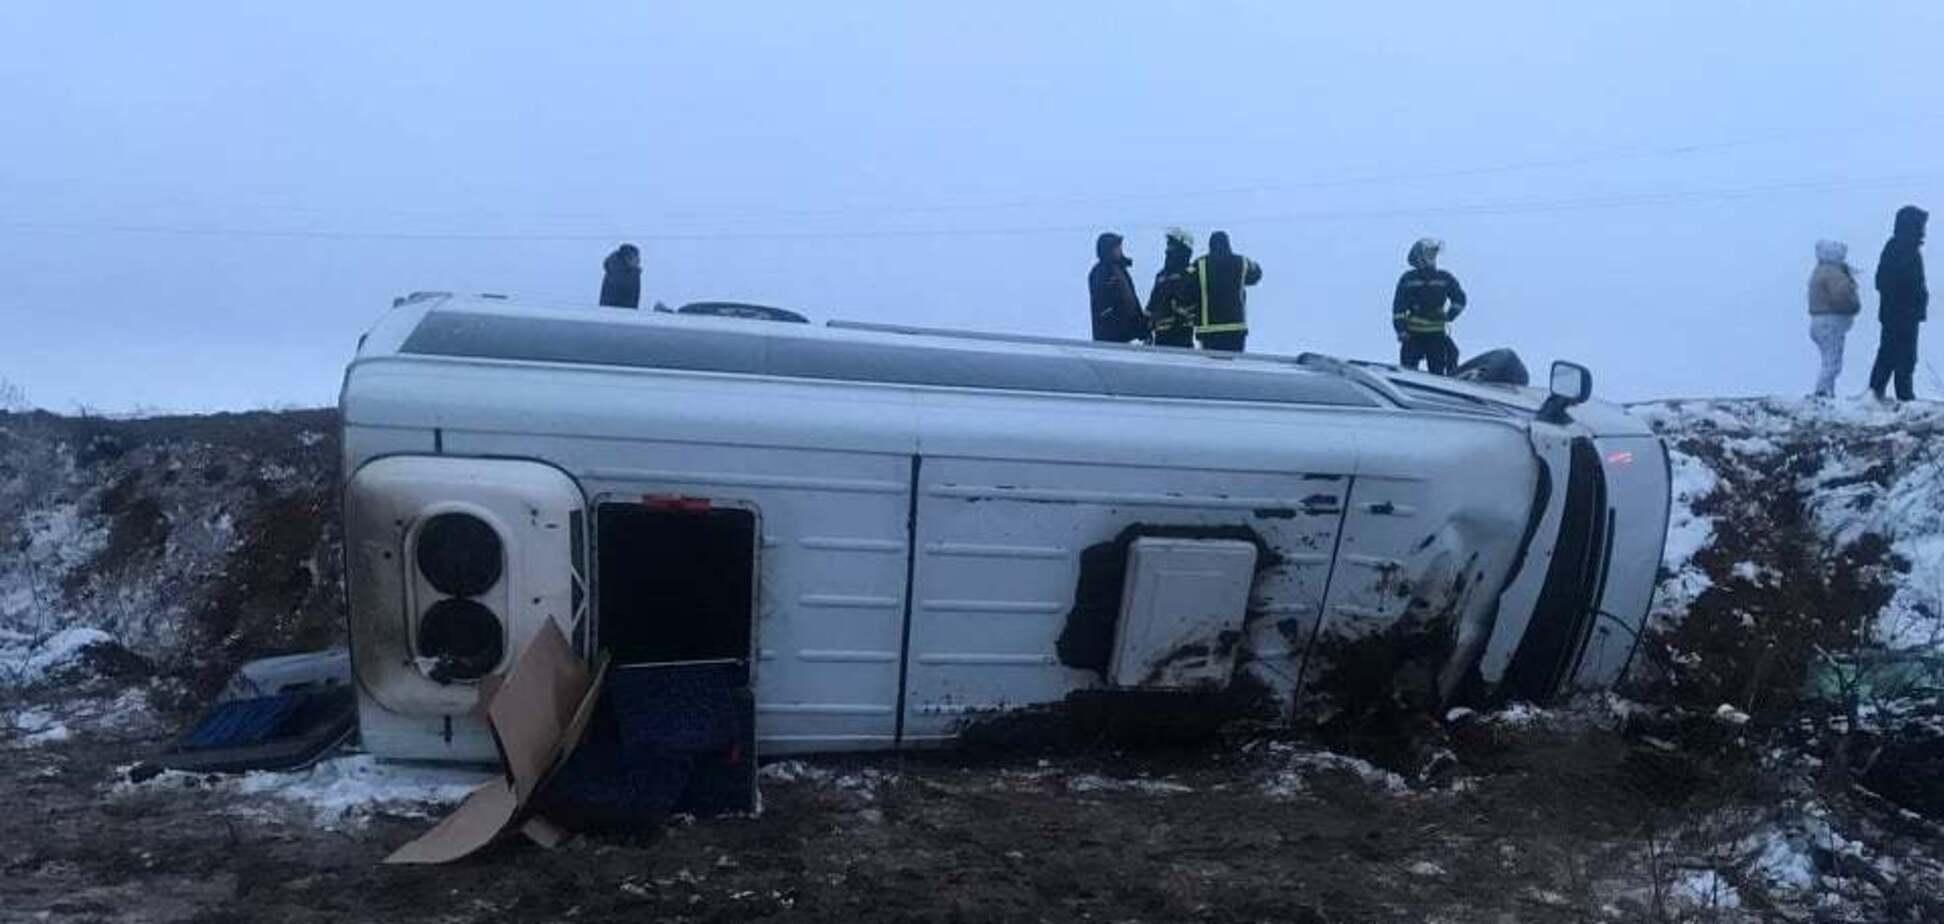 На Луганщине перевернулся пассажирский автобус, пострадали шесть человек. Фото